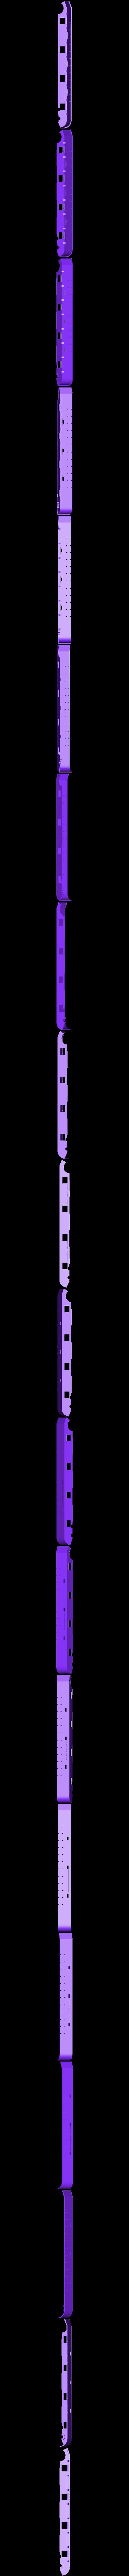 T-34-76 - skirt_right.stl Télécharger fichier STL T-34/76 pour l'assemblage, avec voies mobiles • Objet pour imprimante 3D, c47